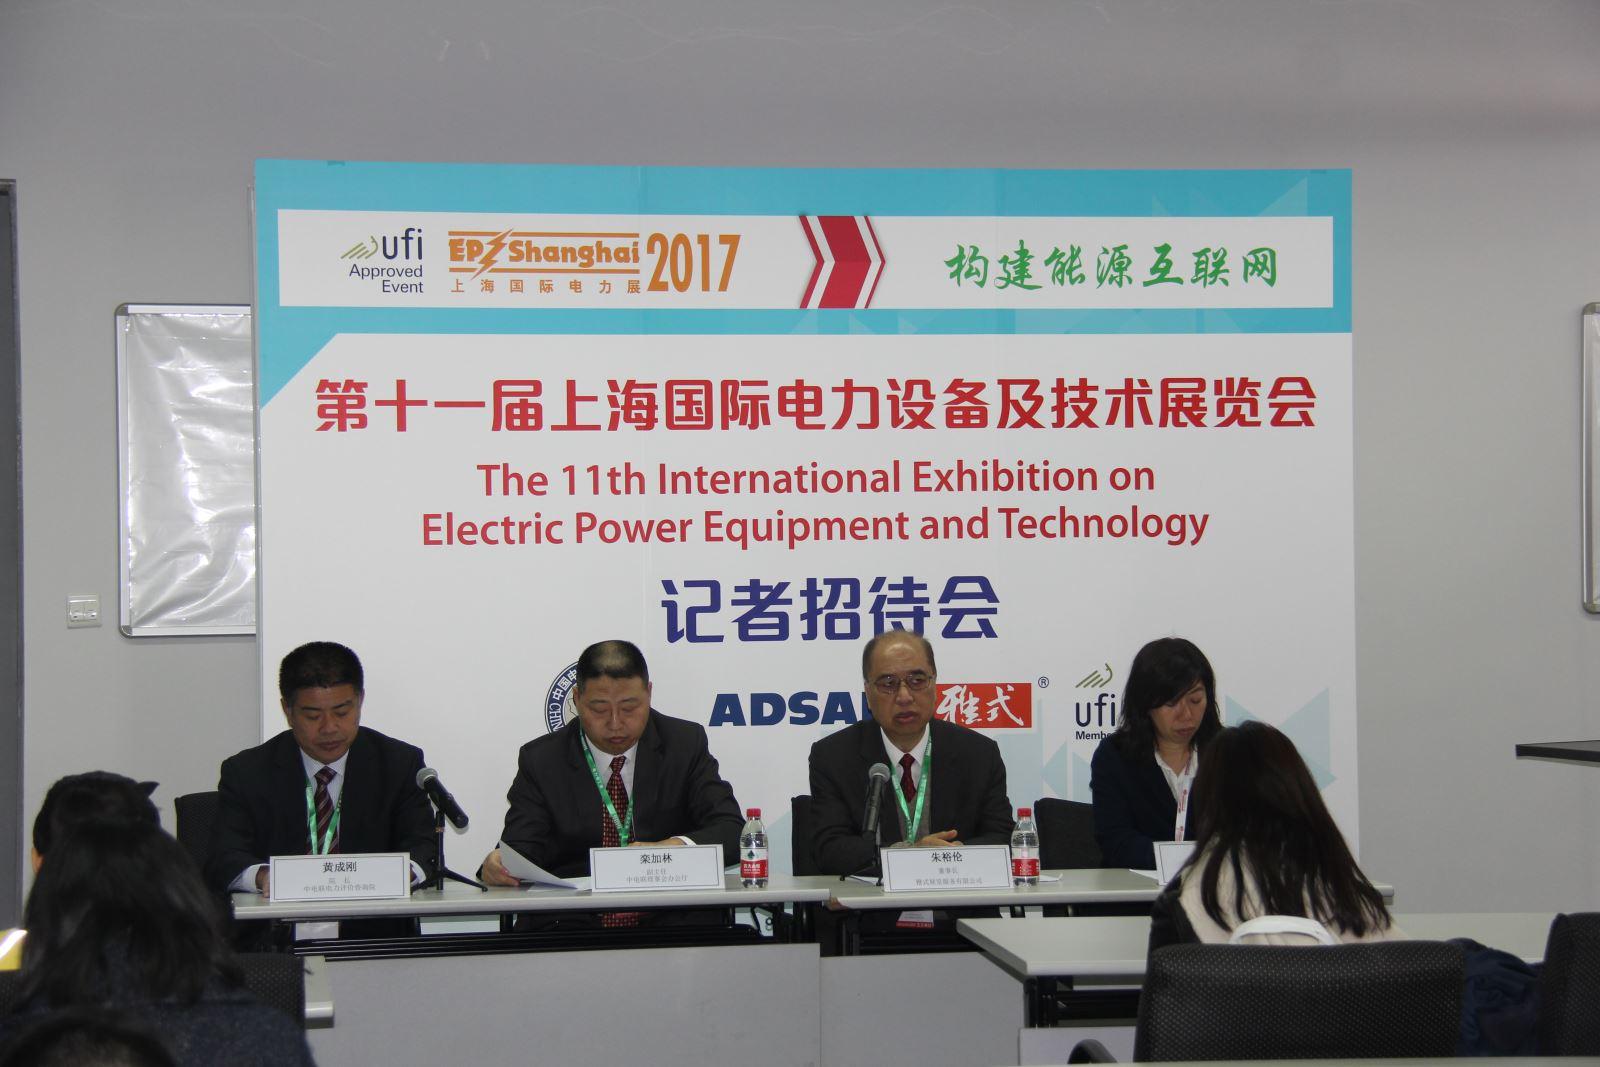 上海国际电力展盛大开幕 聚焦能源互联网